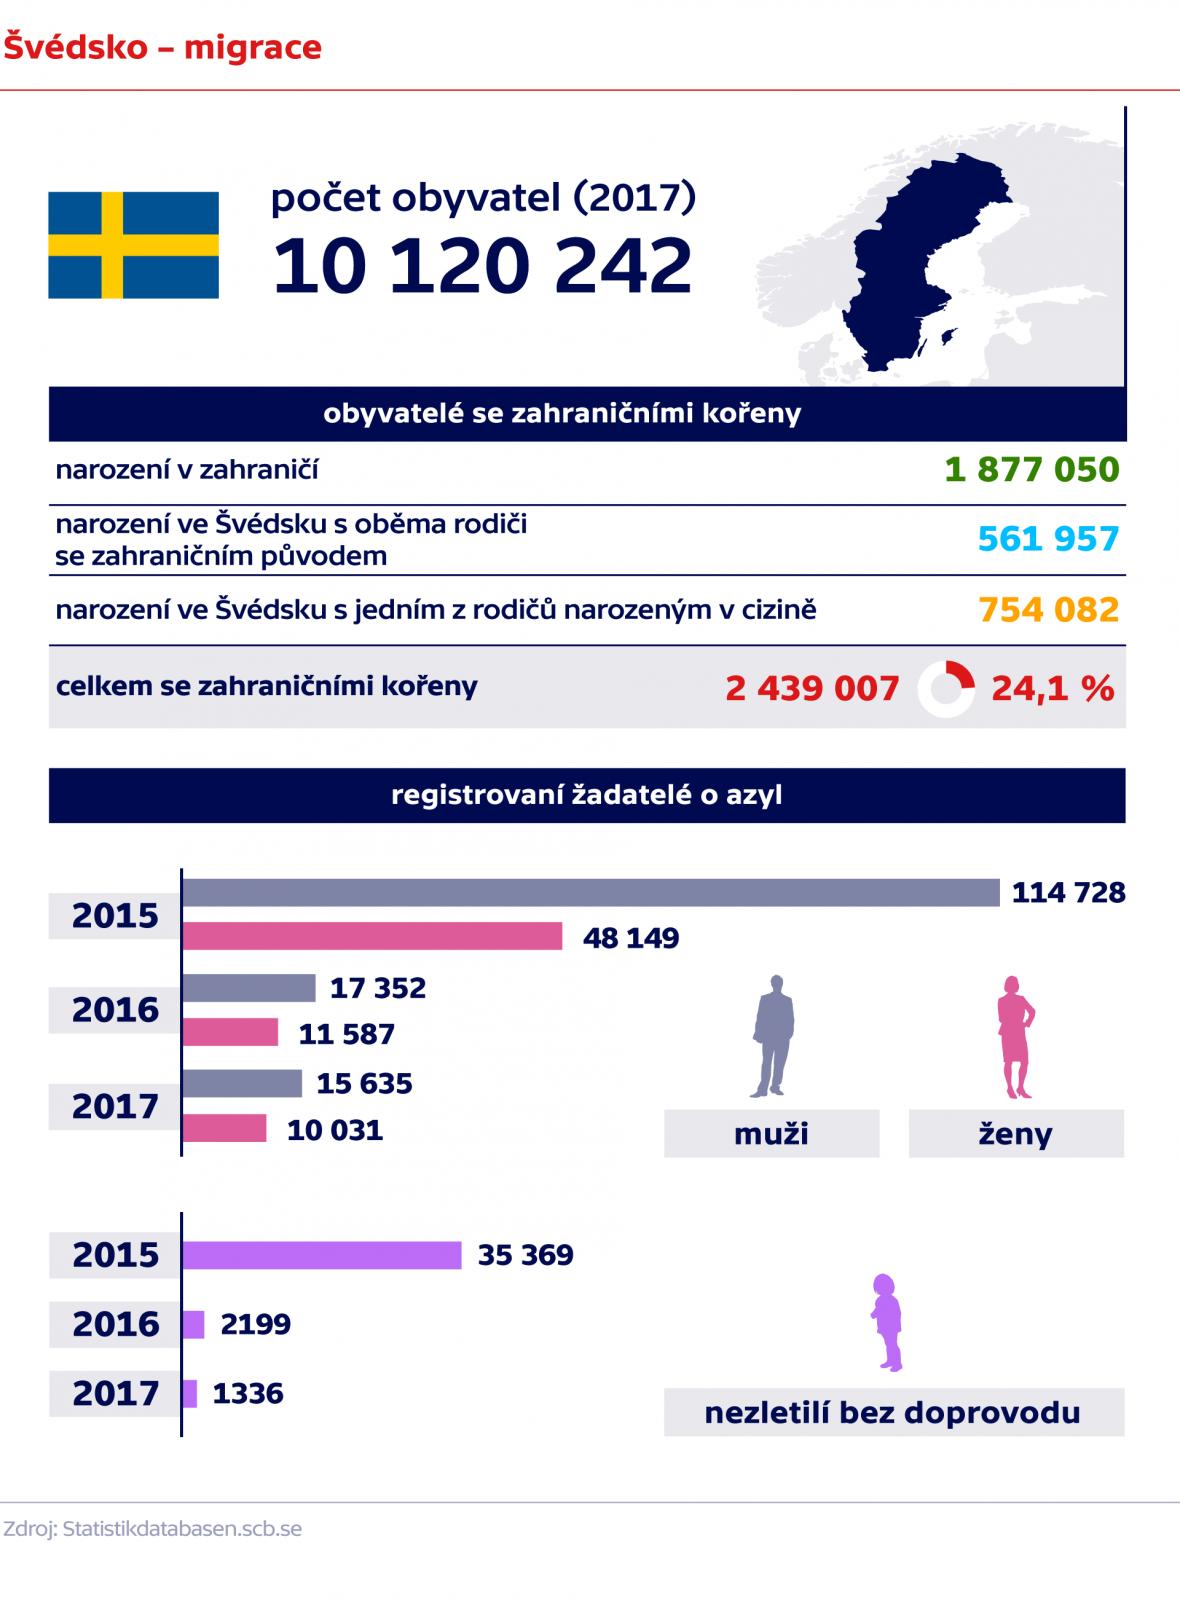 Švédsko – migrace, počet obyvatel se zahraničními kořeny